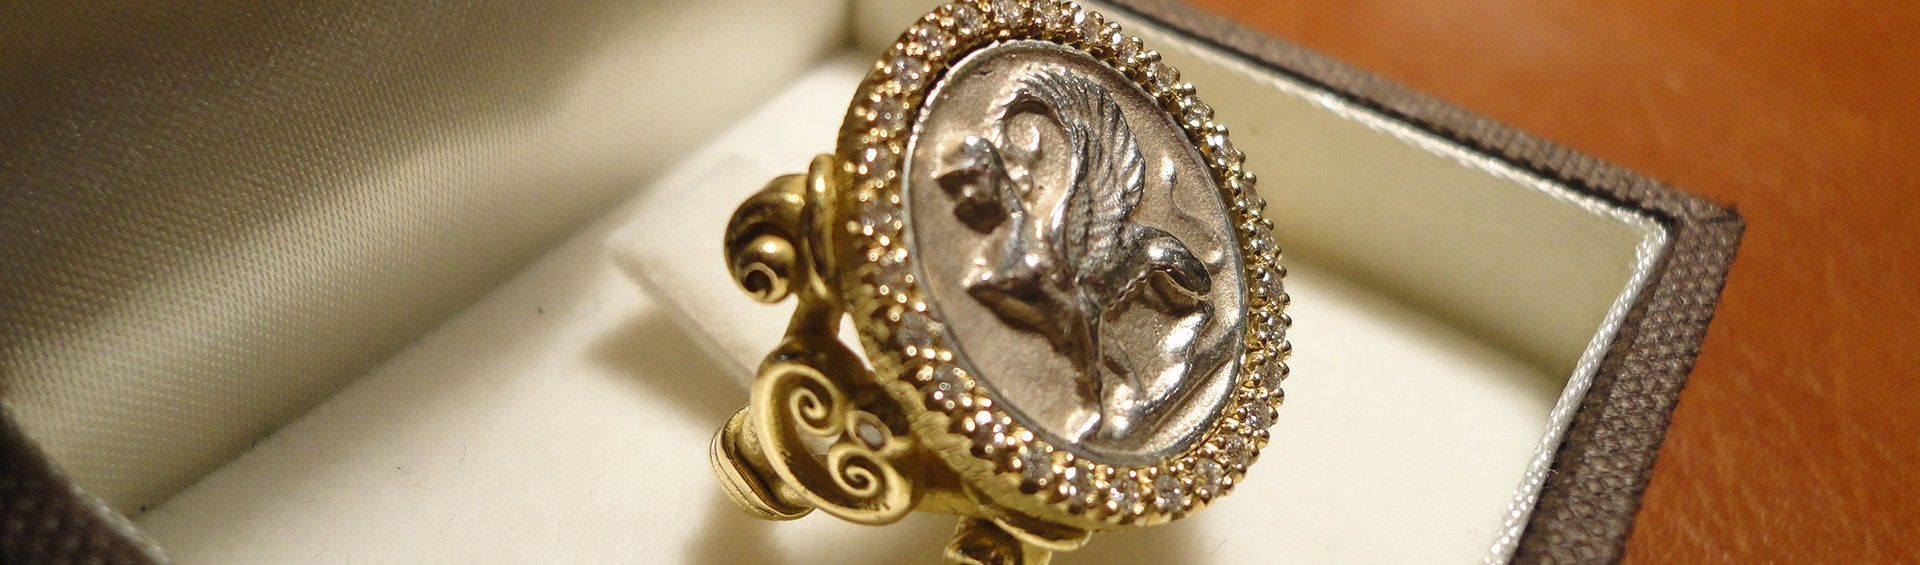 ferrera-orafo-incastonatore-messina-gioielli(16)